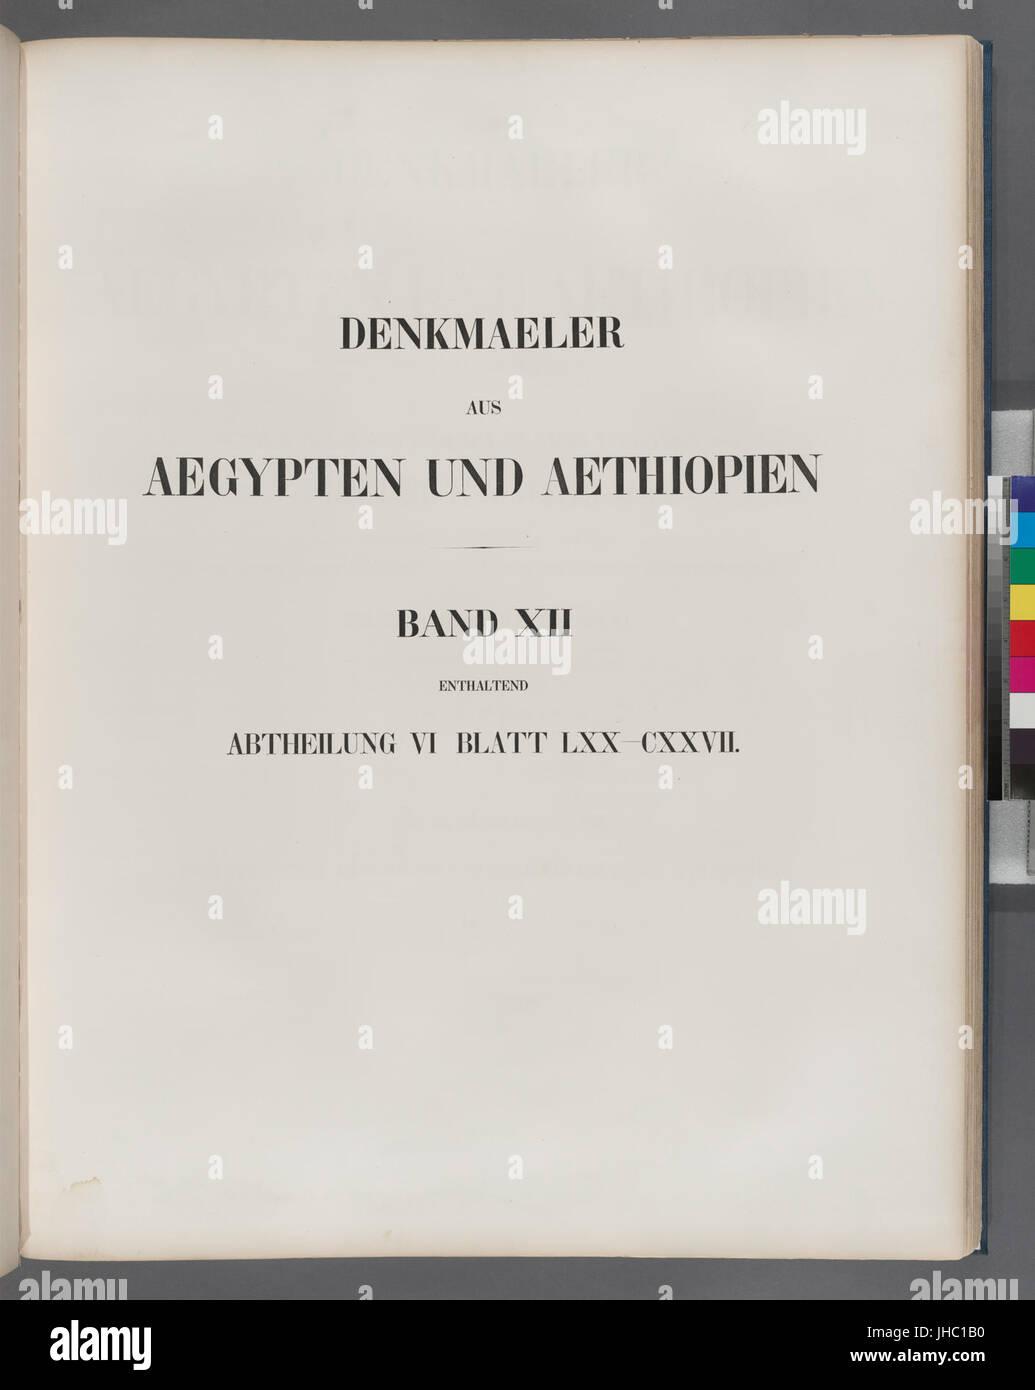 Title page) Denkmaeler aus Aegypten und Aethiopien. Band XII enthaltend Abtheilung VI Blatt LXX-CXXVII (70-127) - Stock Image